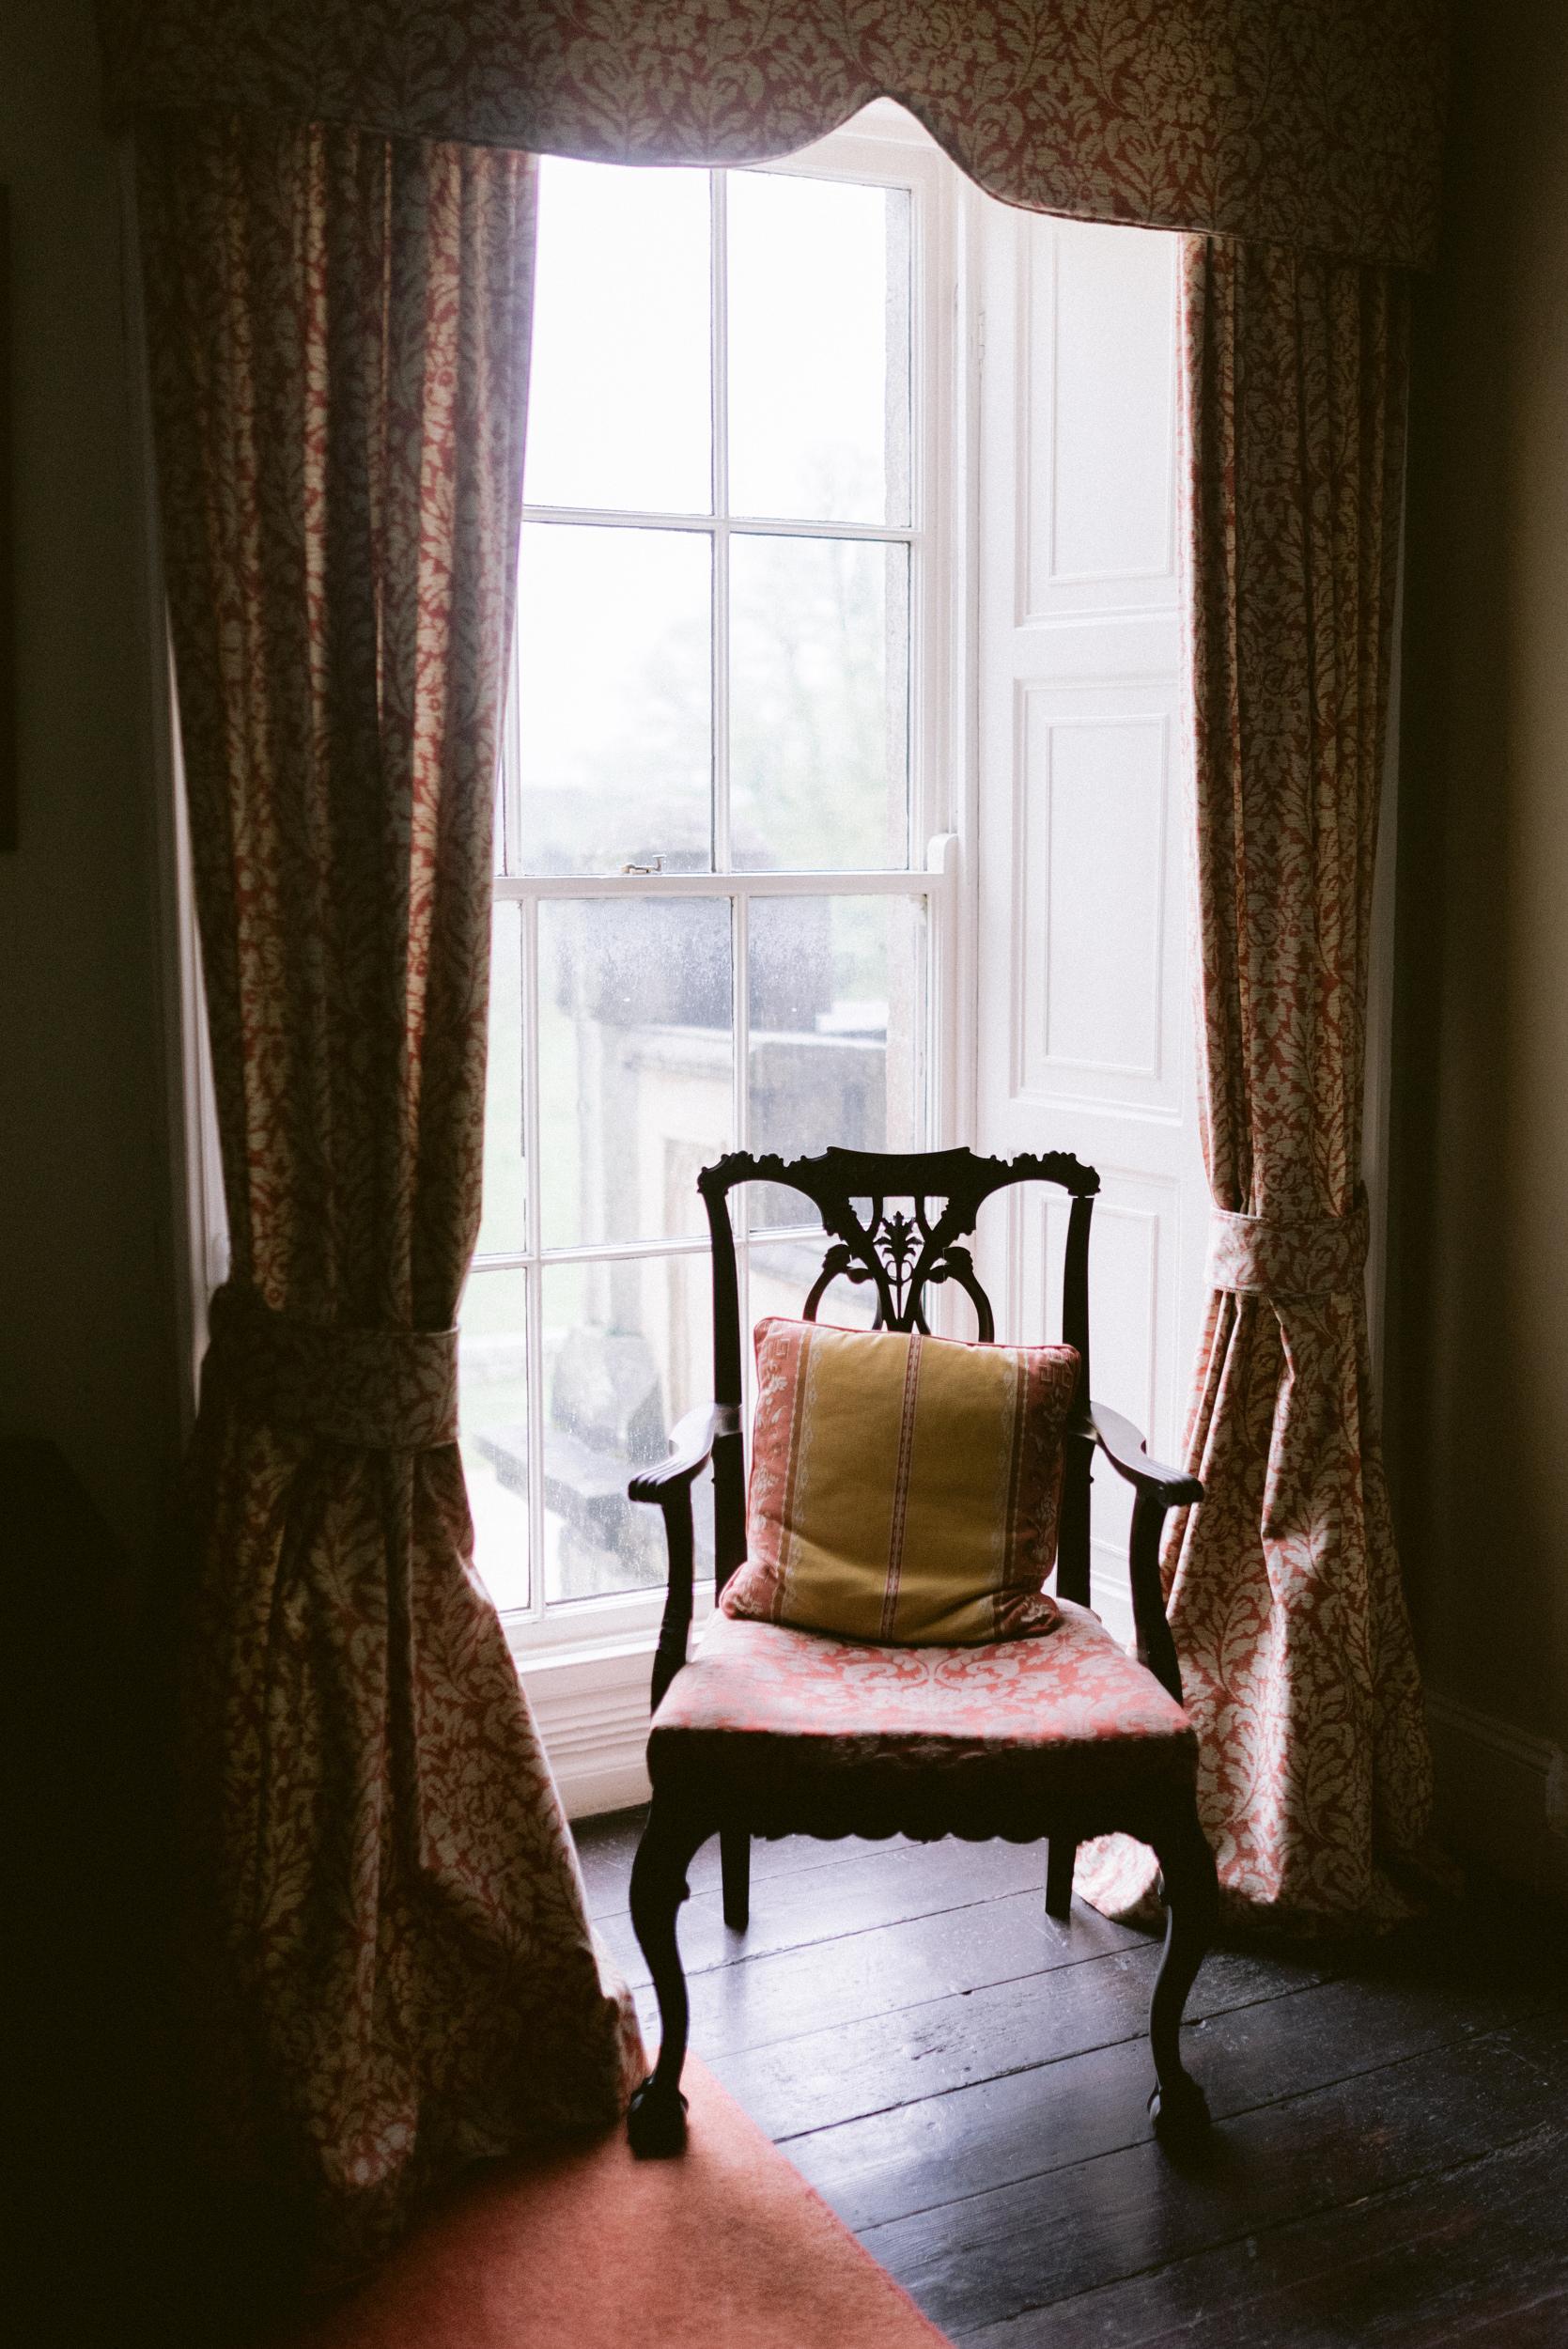 borris house wedding, best wedding venues in ireland, irish castle wedding, old wedding venues ireland, carlow wedding venues, One Fab Day 100 Best Wedding Venues, country house wedding ireland   -2.jpg